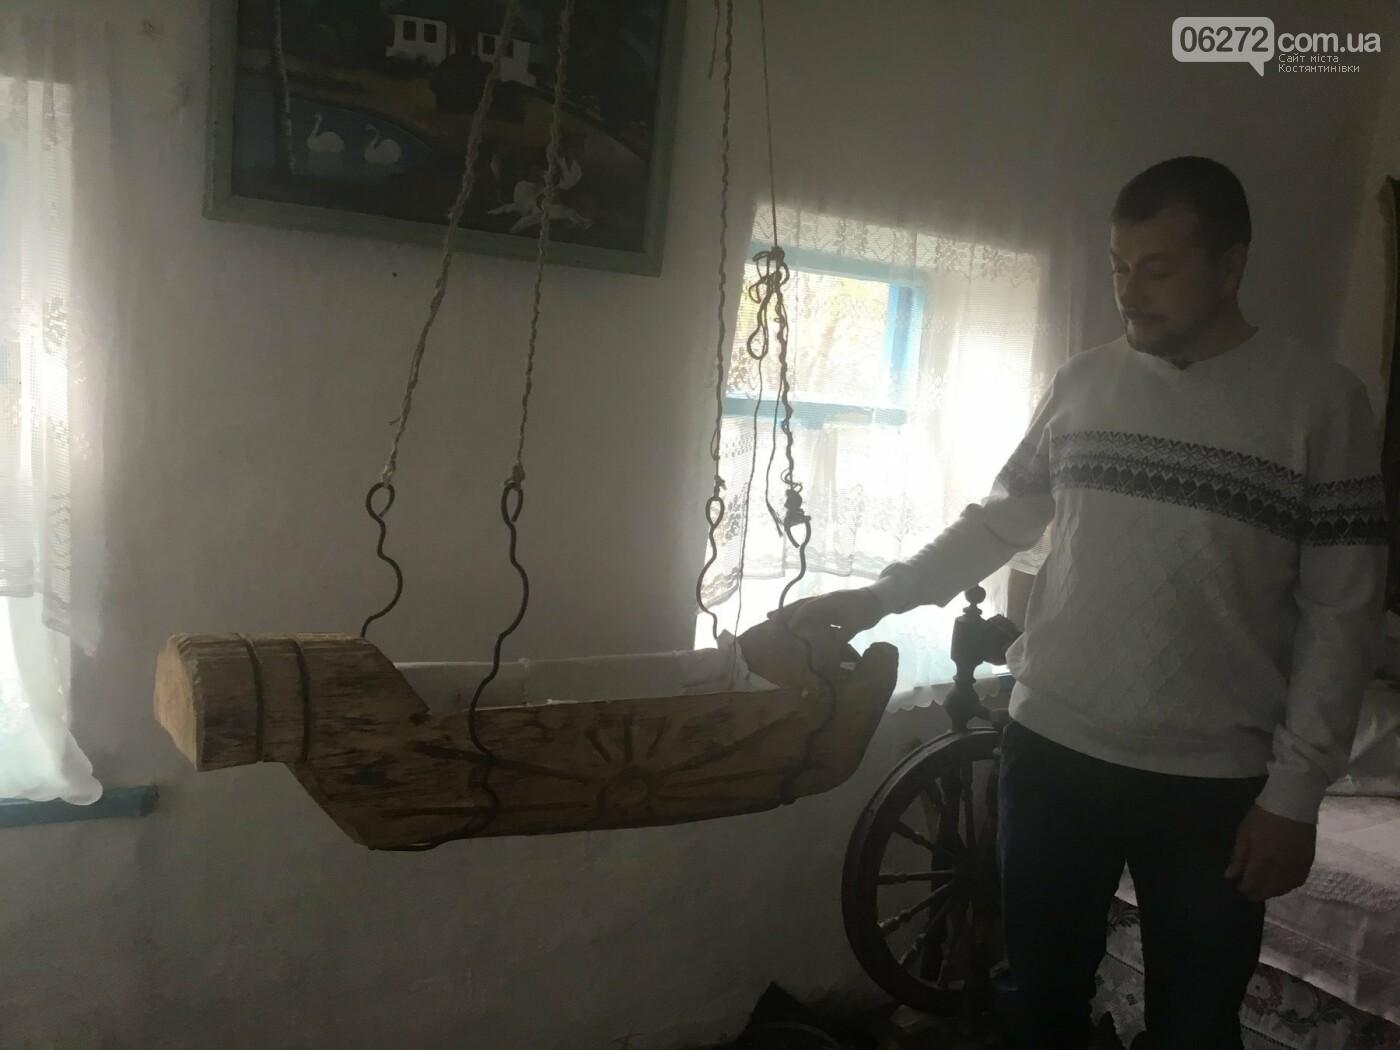 В селі  Олександро-Калинове є чудо-колиска, яка творить дива, фото-1